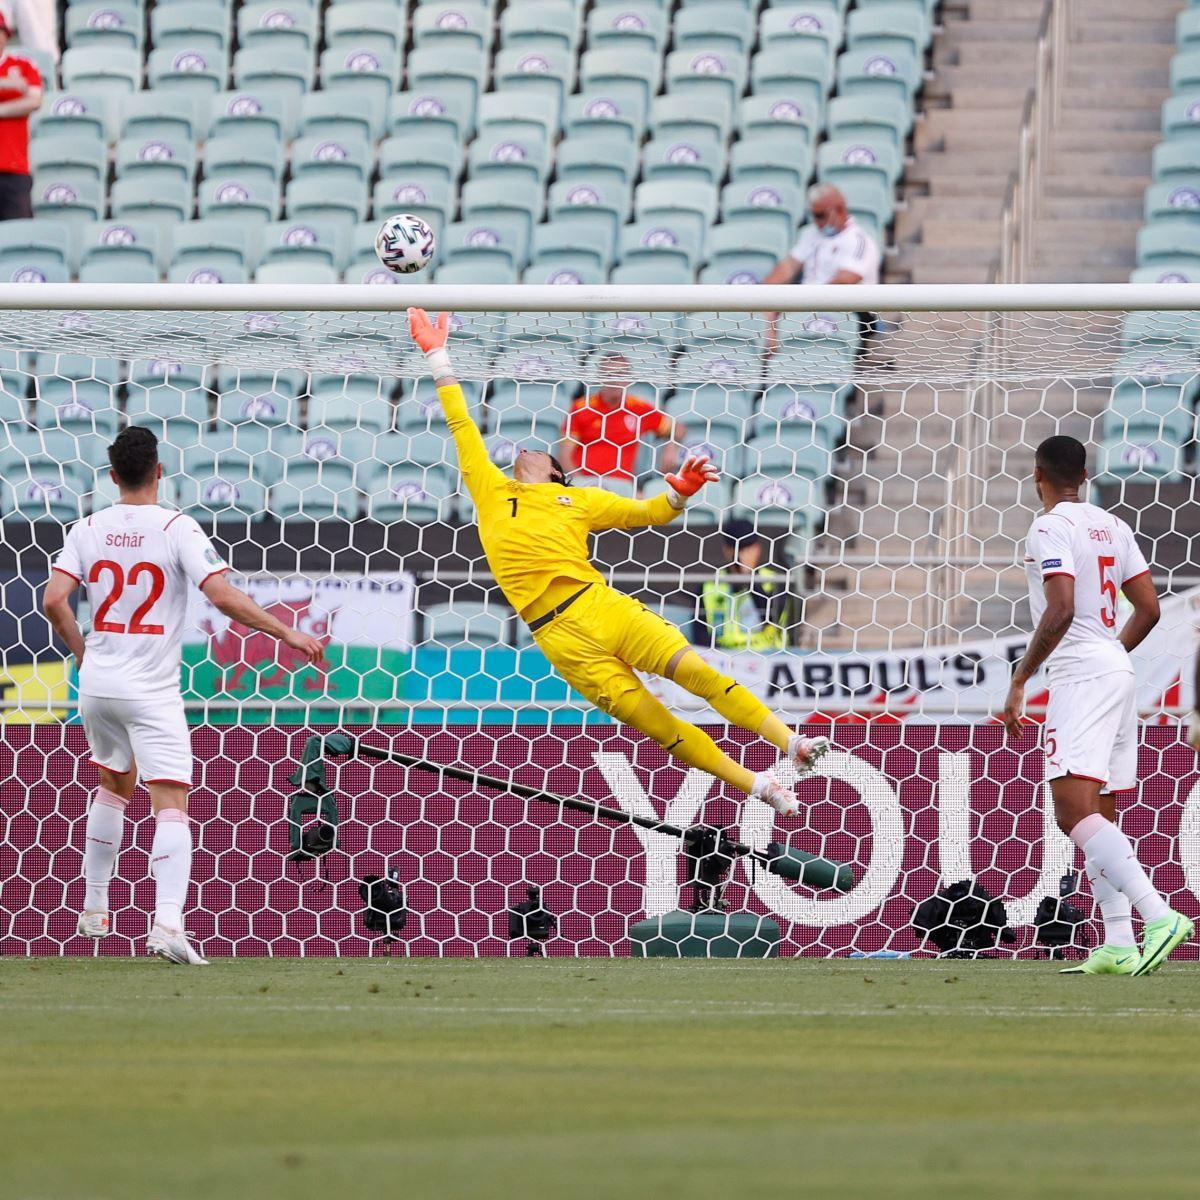 Xứ Wales 1-1 Thụy Sỹ: Bị VAR từ chối 1 bàn thắng, Thụy Sĩ ngậm ngùi chia điểm với xứ Wales-1